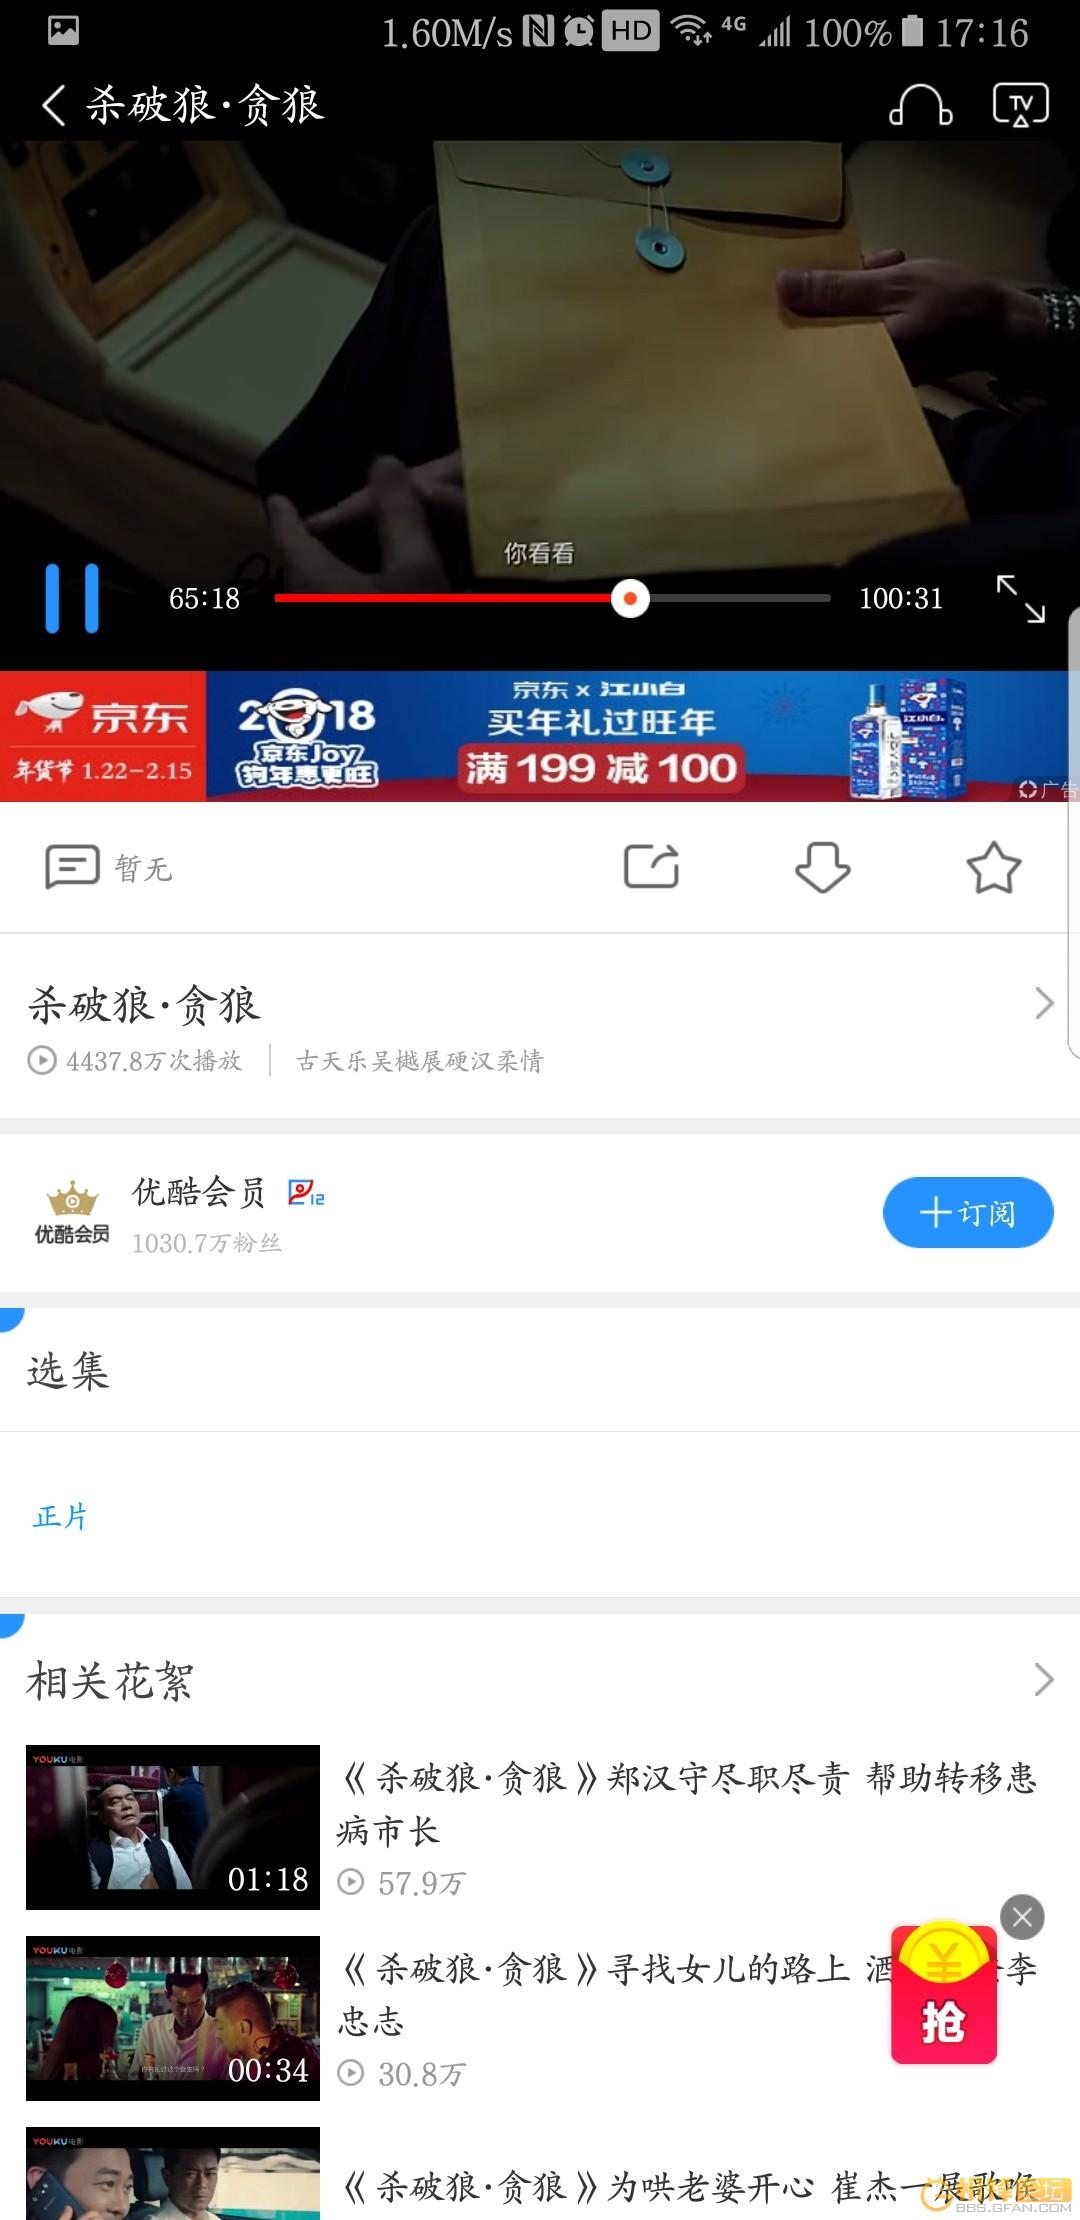 Screenshot_20180130-171636.jpg